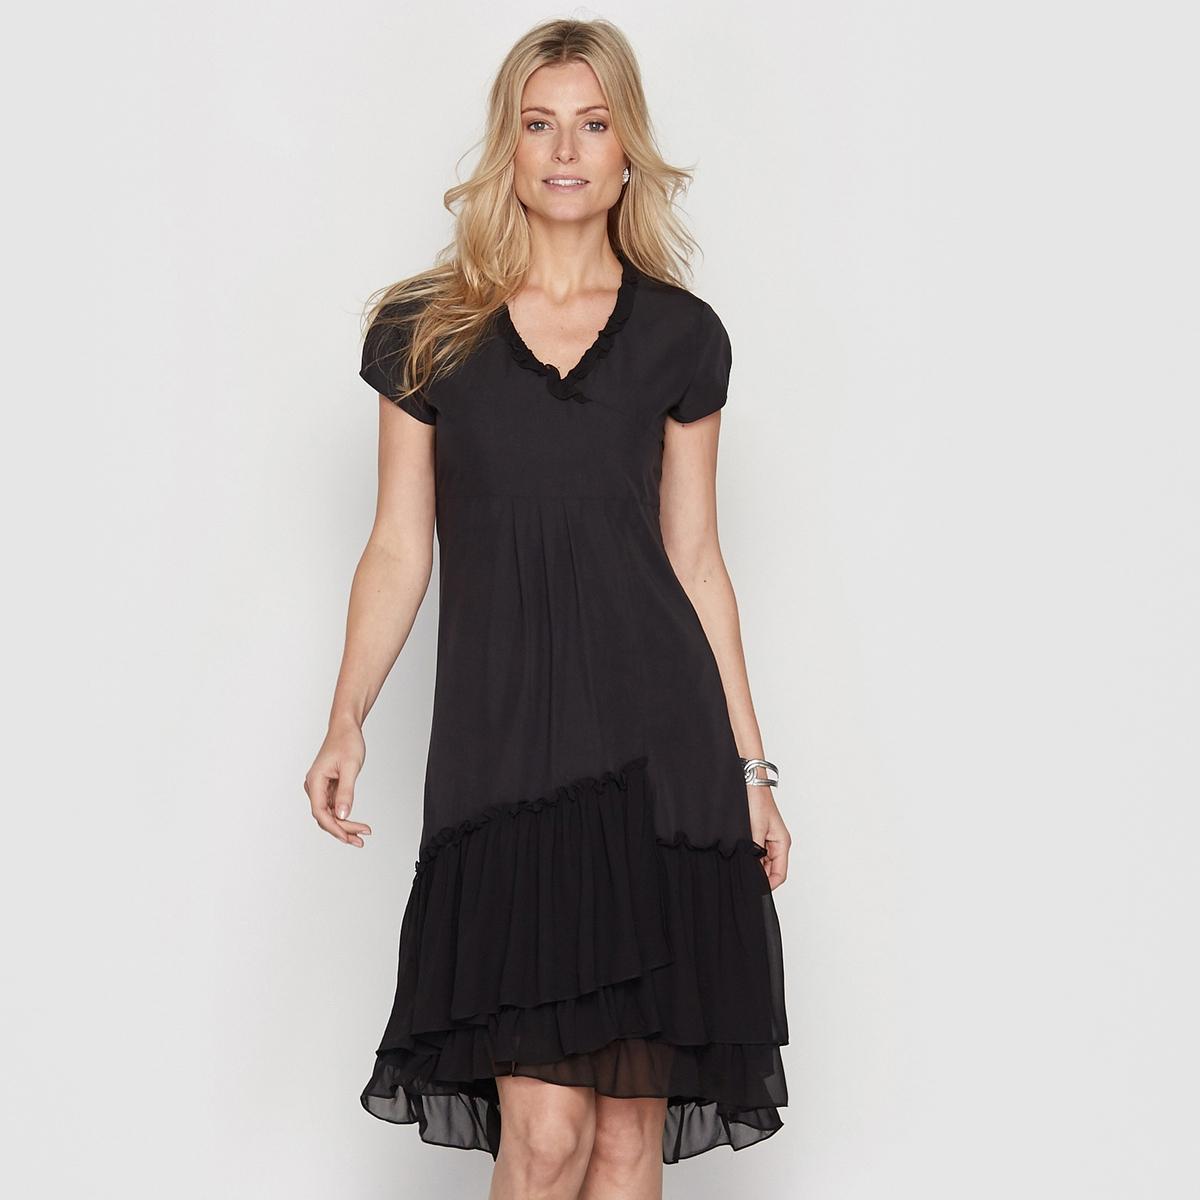 Платье из двух материаловЗастежка на скрытую молнию сбоку. Маленький декоративный бантик на груди.    Подкладка из полиэстера. Длина. 105 см. Микрофибра, 75% вискозы, 25% полиэстера.<br><br>Цвет: черный<br>Размер: 40 (FR) - 46 (RUS).48 (FR) - 54 (RUS)